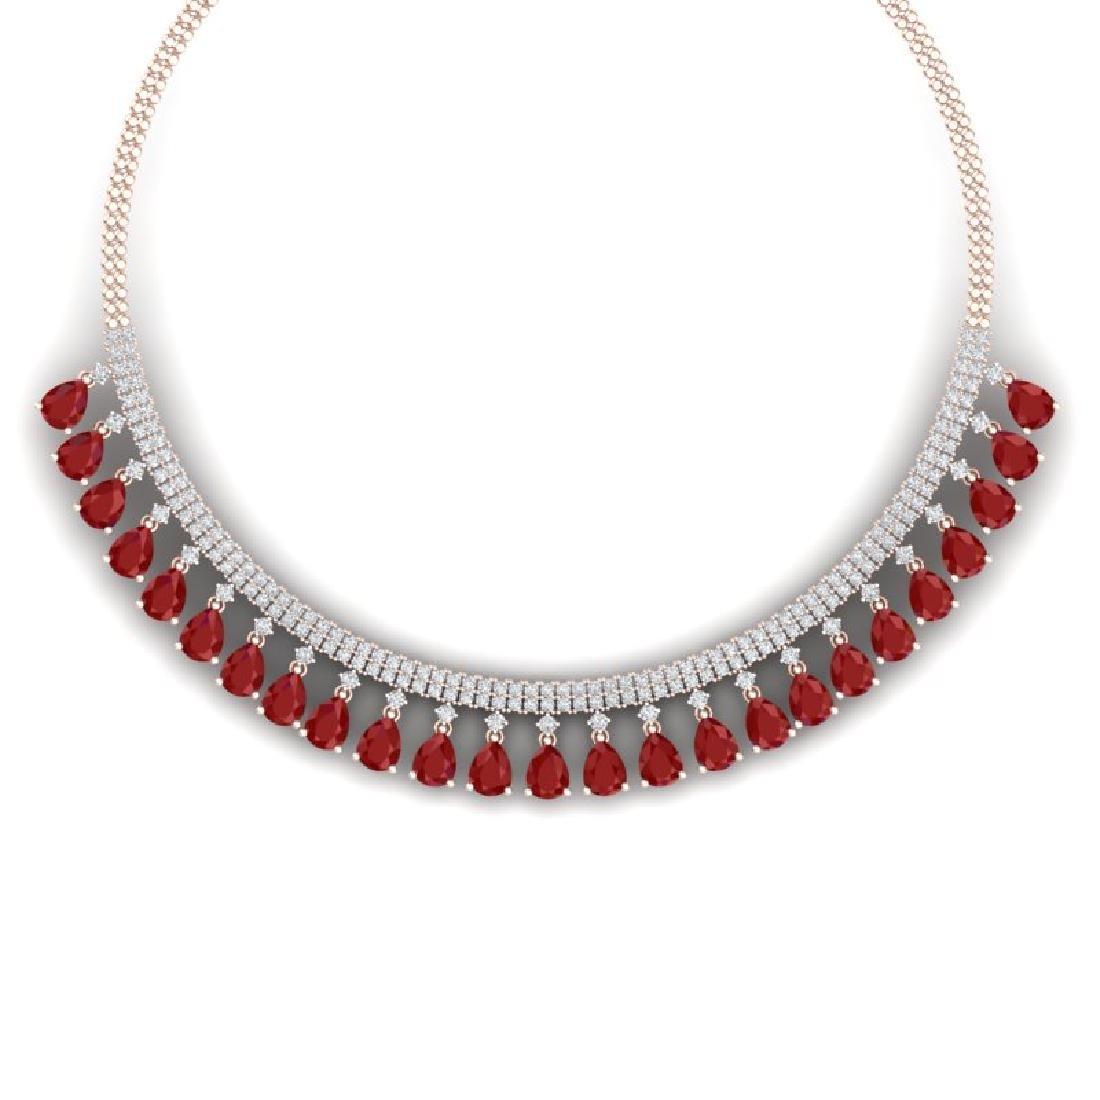 51.75 CTW Royalty Ruby & VS Diamond Necklace 18K Rose